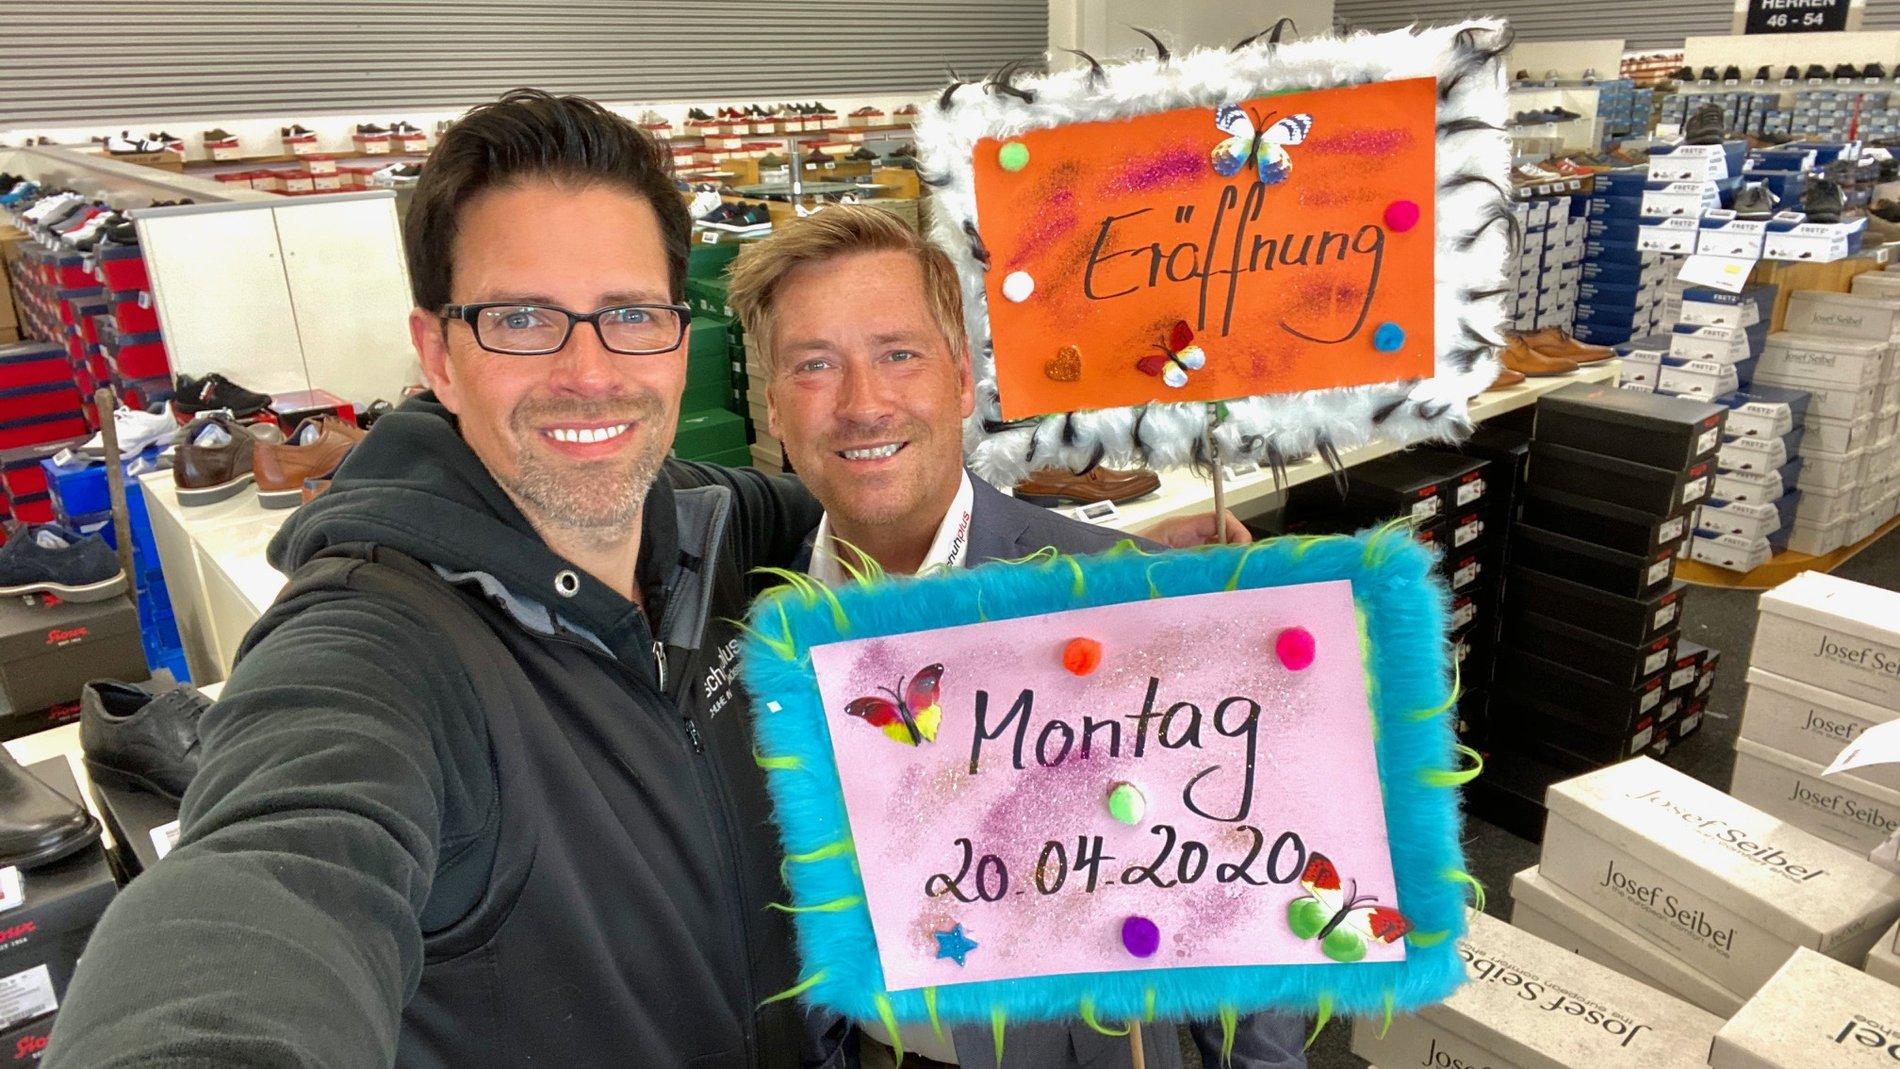 Große Schuhe ab Montag 20. April bei schuhplus in Dörverden